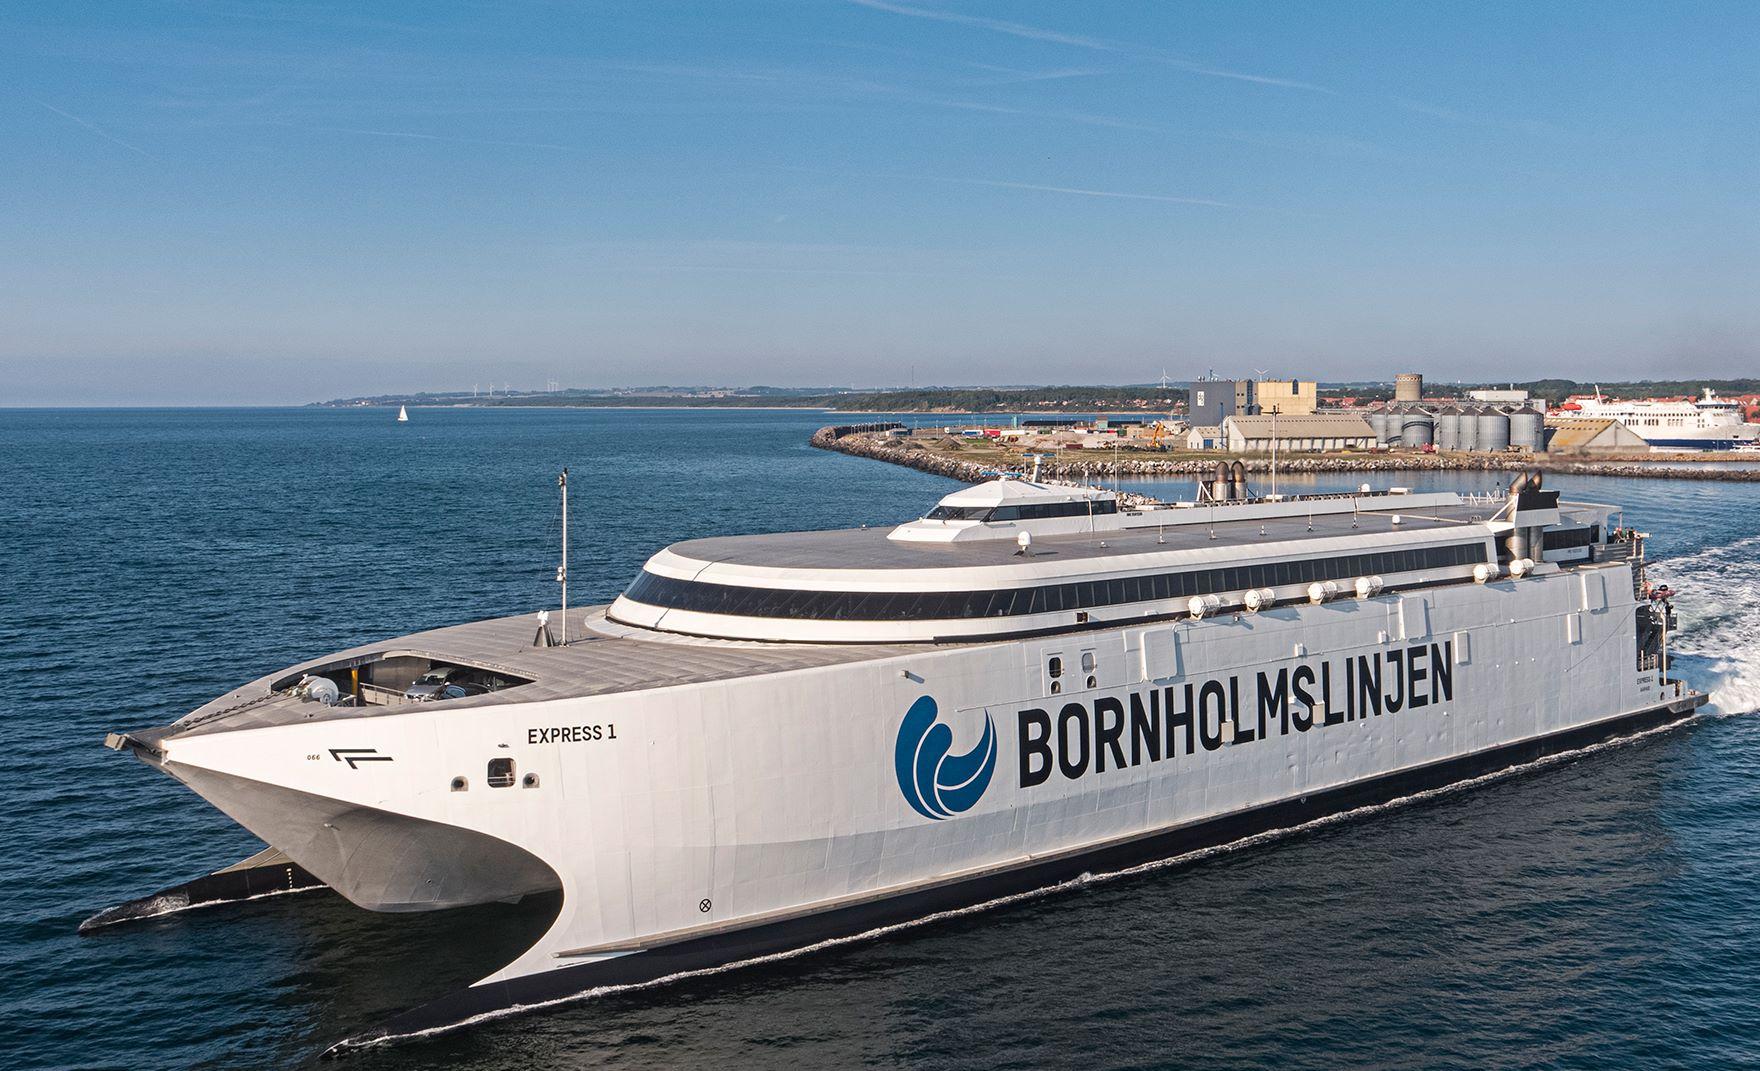 Molslinjen har fået forlænget sin kontrakt med færgebetjening af Bornholm. Som muligt led i pakken bestiller rederiet nu en endnu større katamaranfærge til hovedruten mellem svenske Ystad og Rønne. Den skal afløse den udskældte Express 1 på fotoet. Pressefoto: Molslinjen.